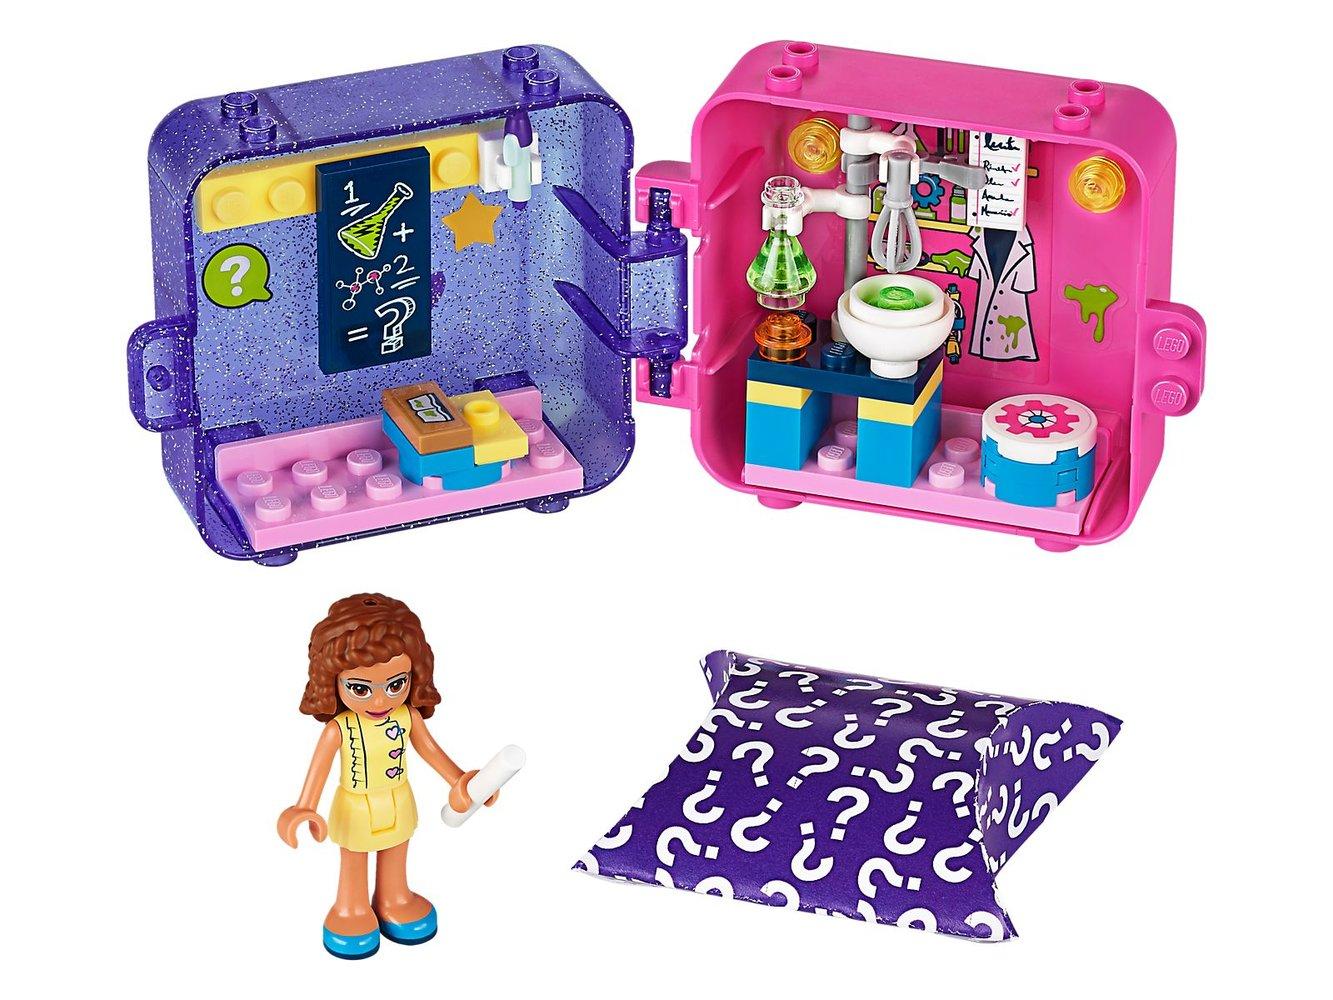 Olivia's Play Cube